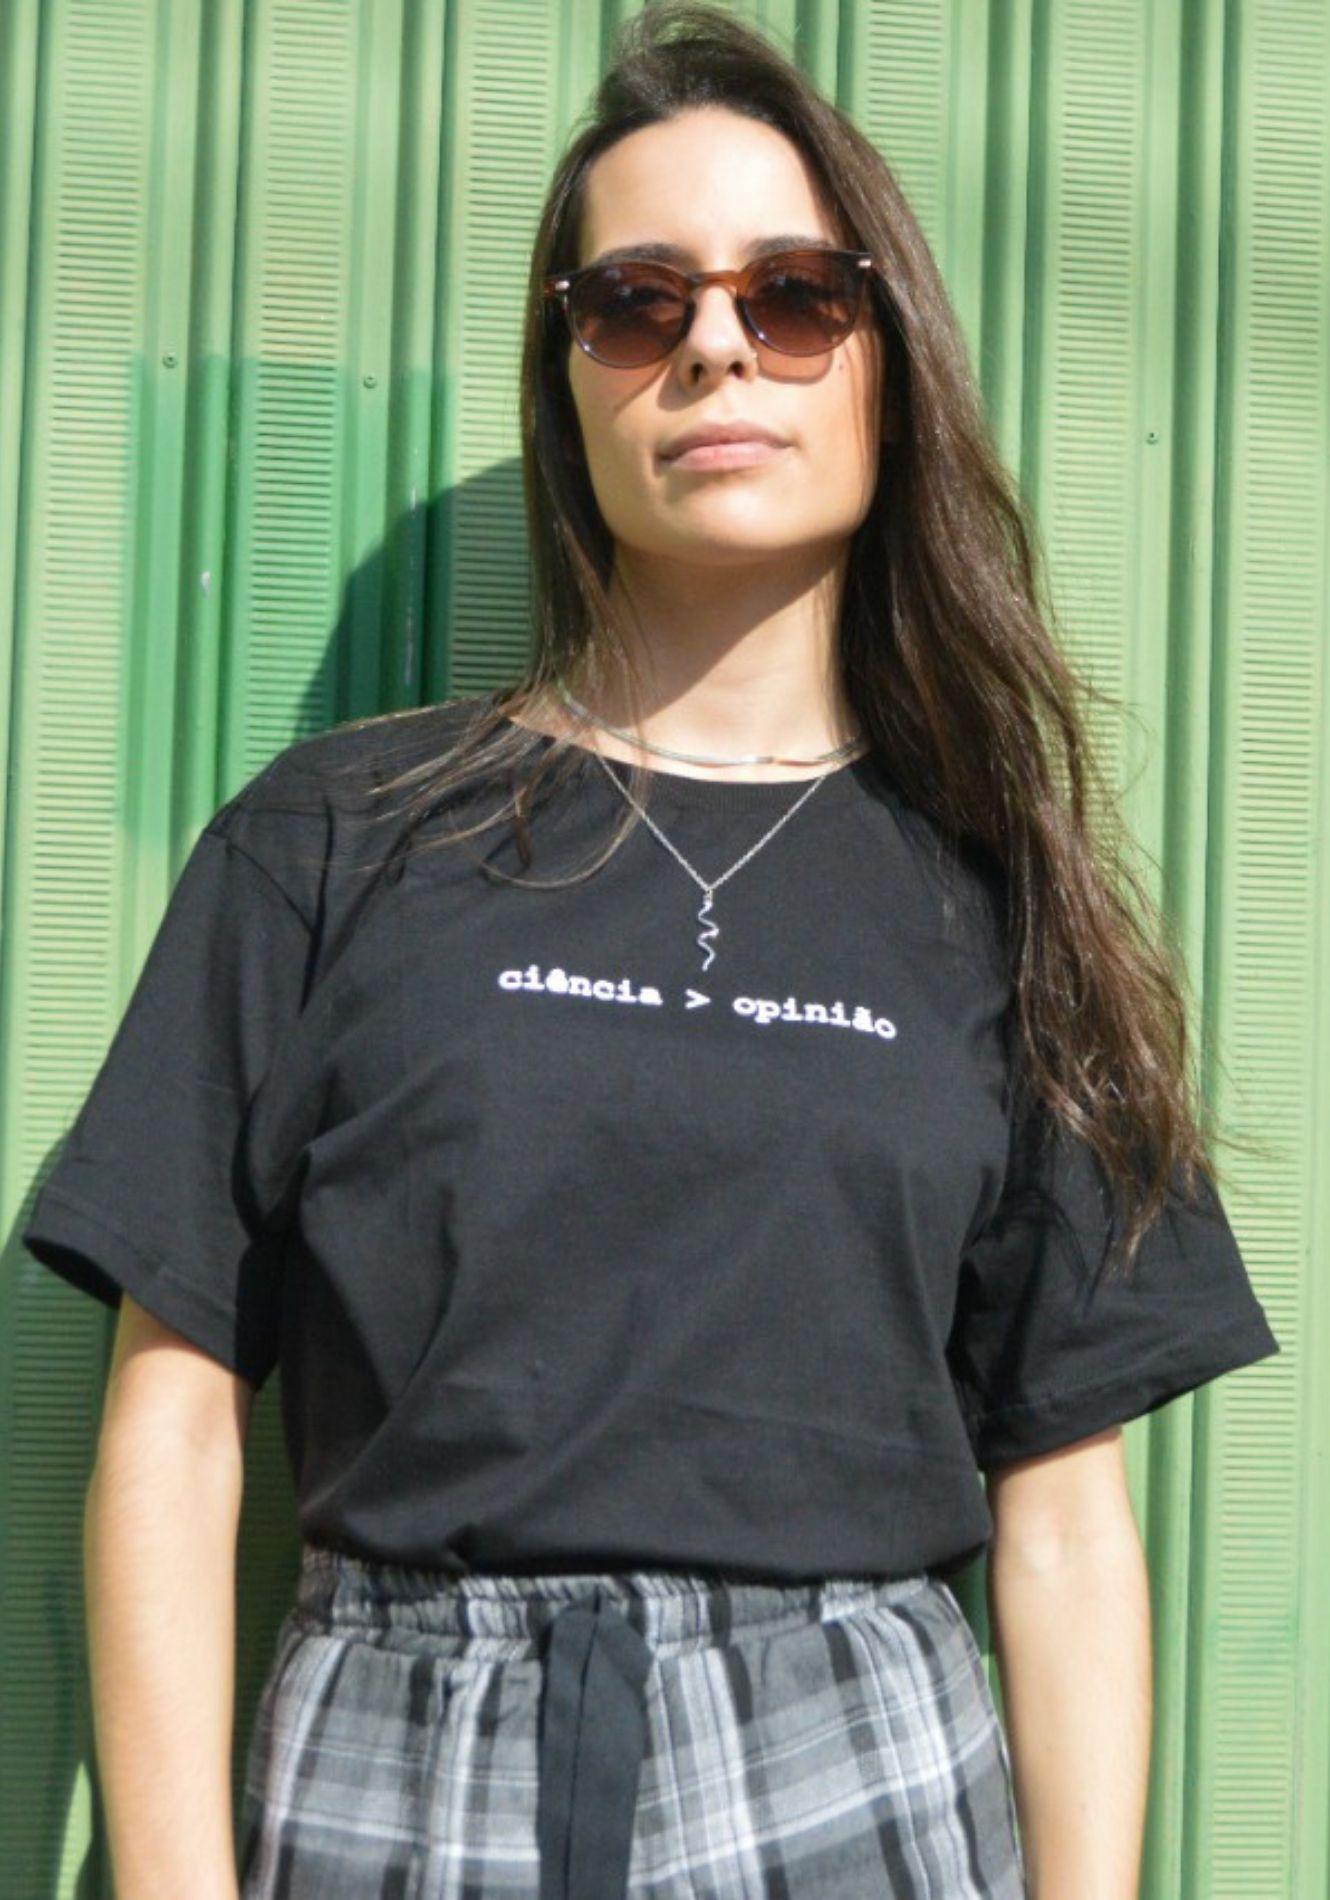 Camiseta Básica Ciência > Opinião